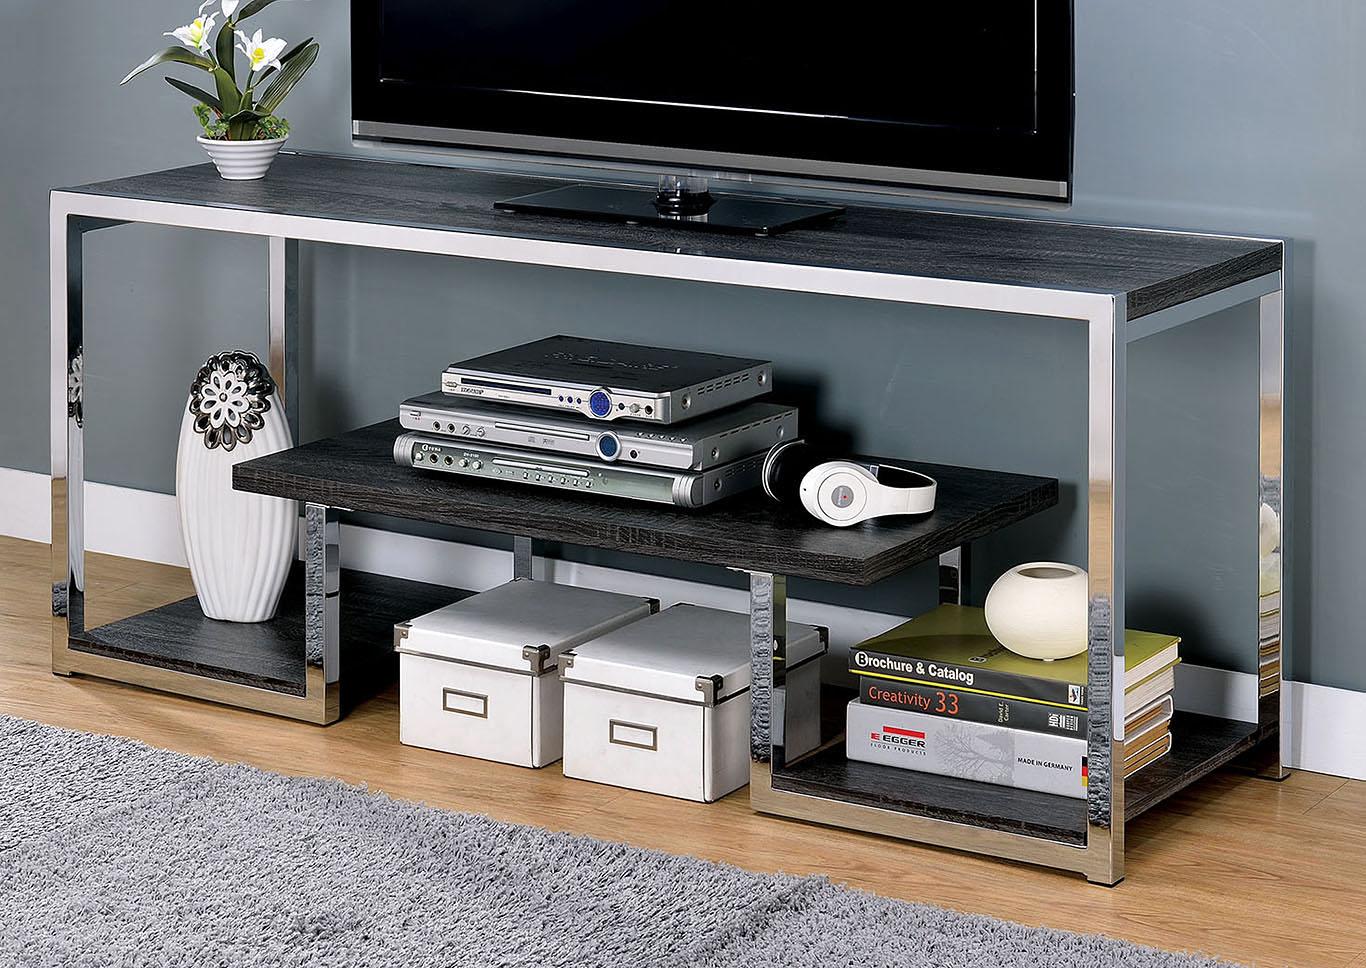 5th Avenue Furniture - MI Lier Gray/Chrome 72